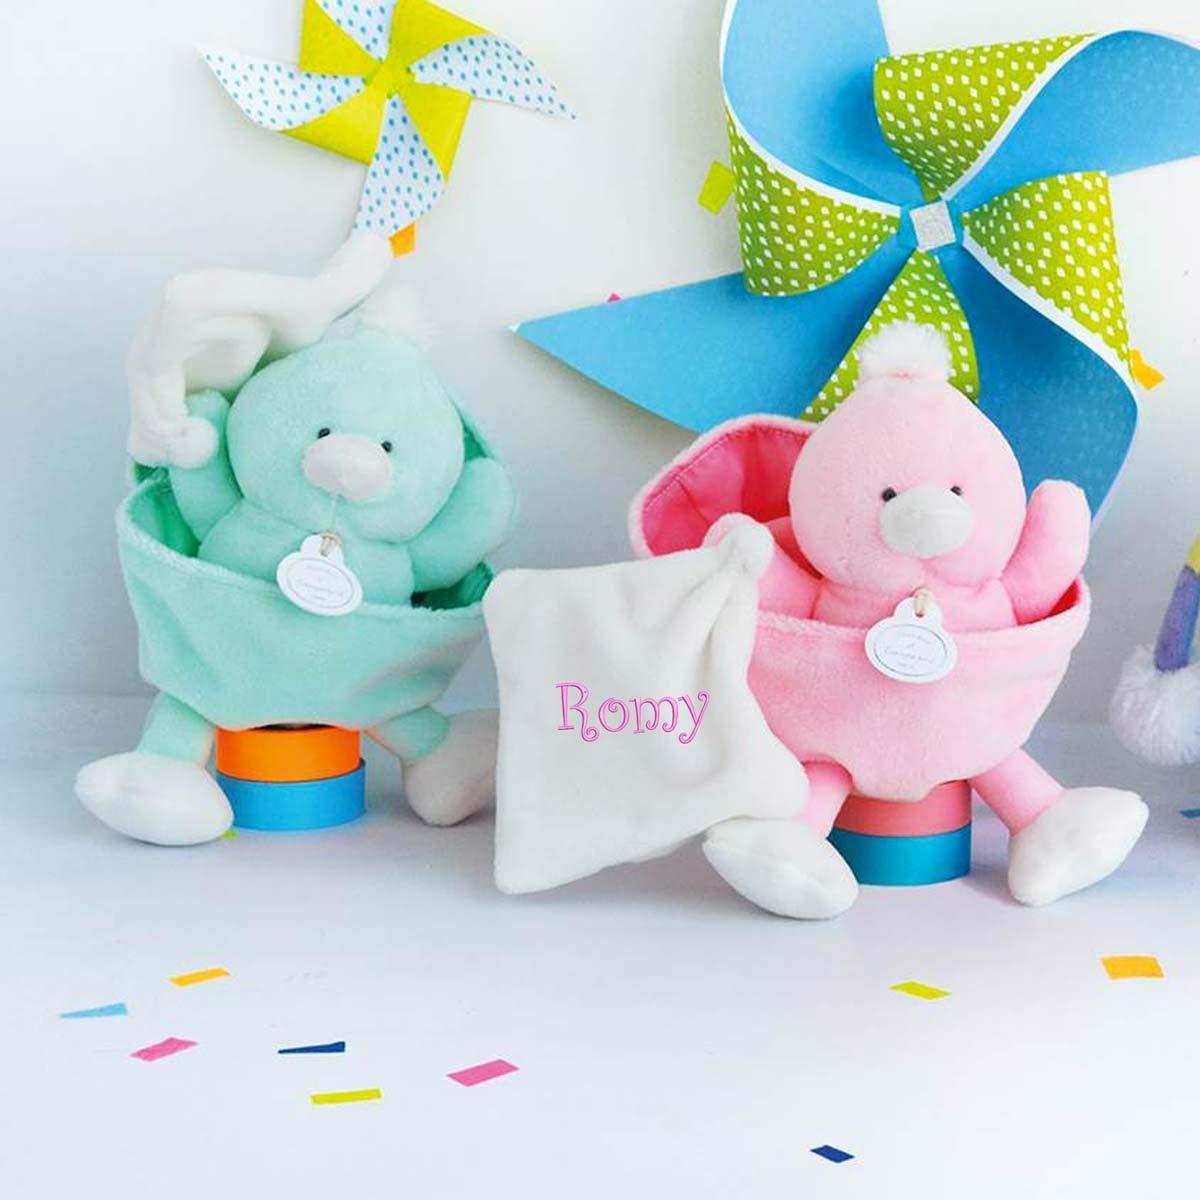 Doudou à broder avec le prénom de votre choix - Doudou poussin - cadeau liste de naissance - cadeau personnalisé naissance